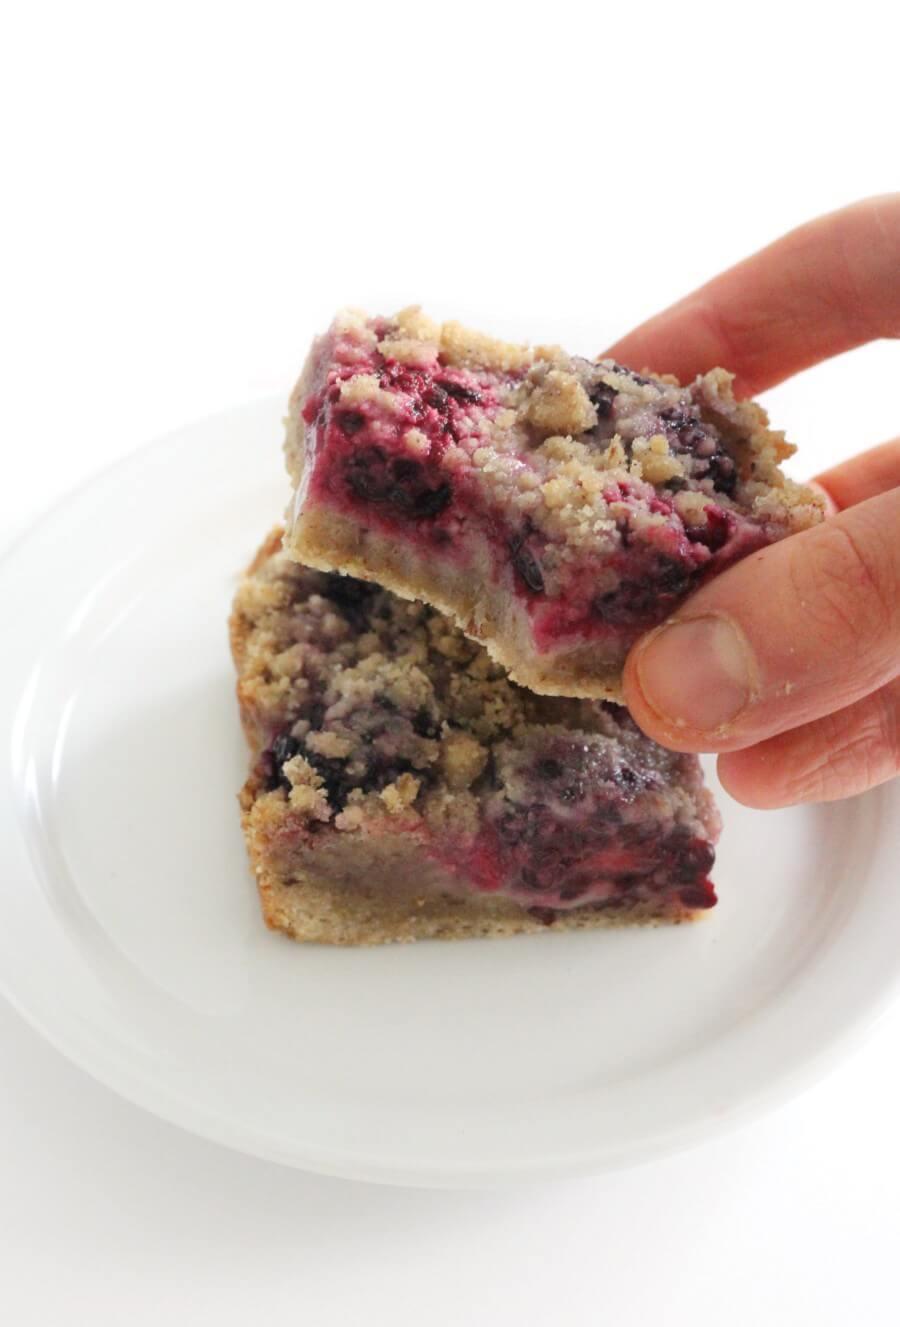 hand grabbing a bitten gluten-free blackberry crumb bar